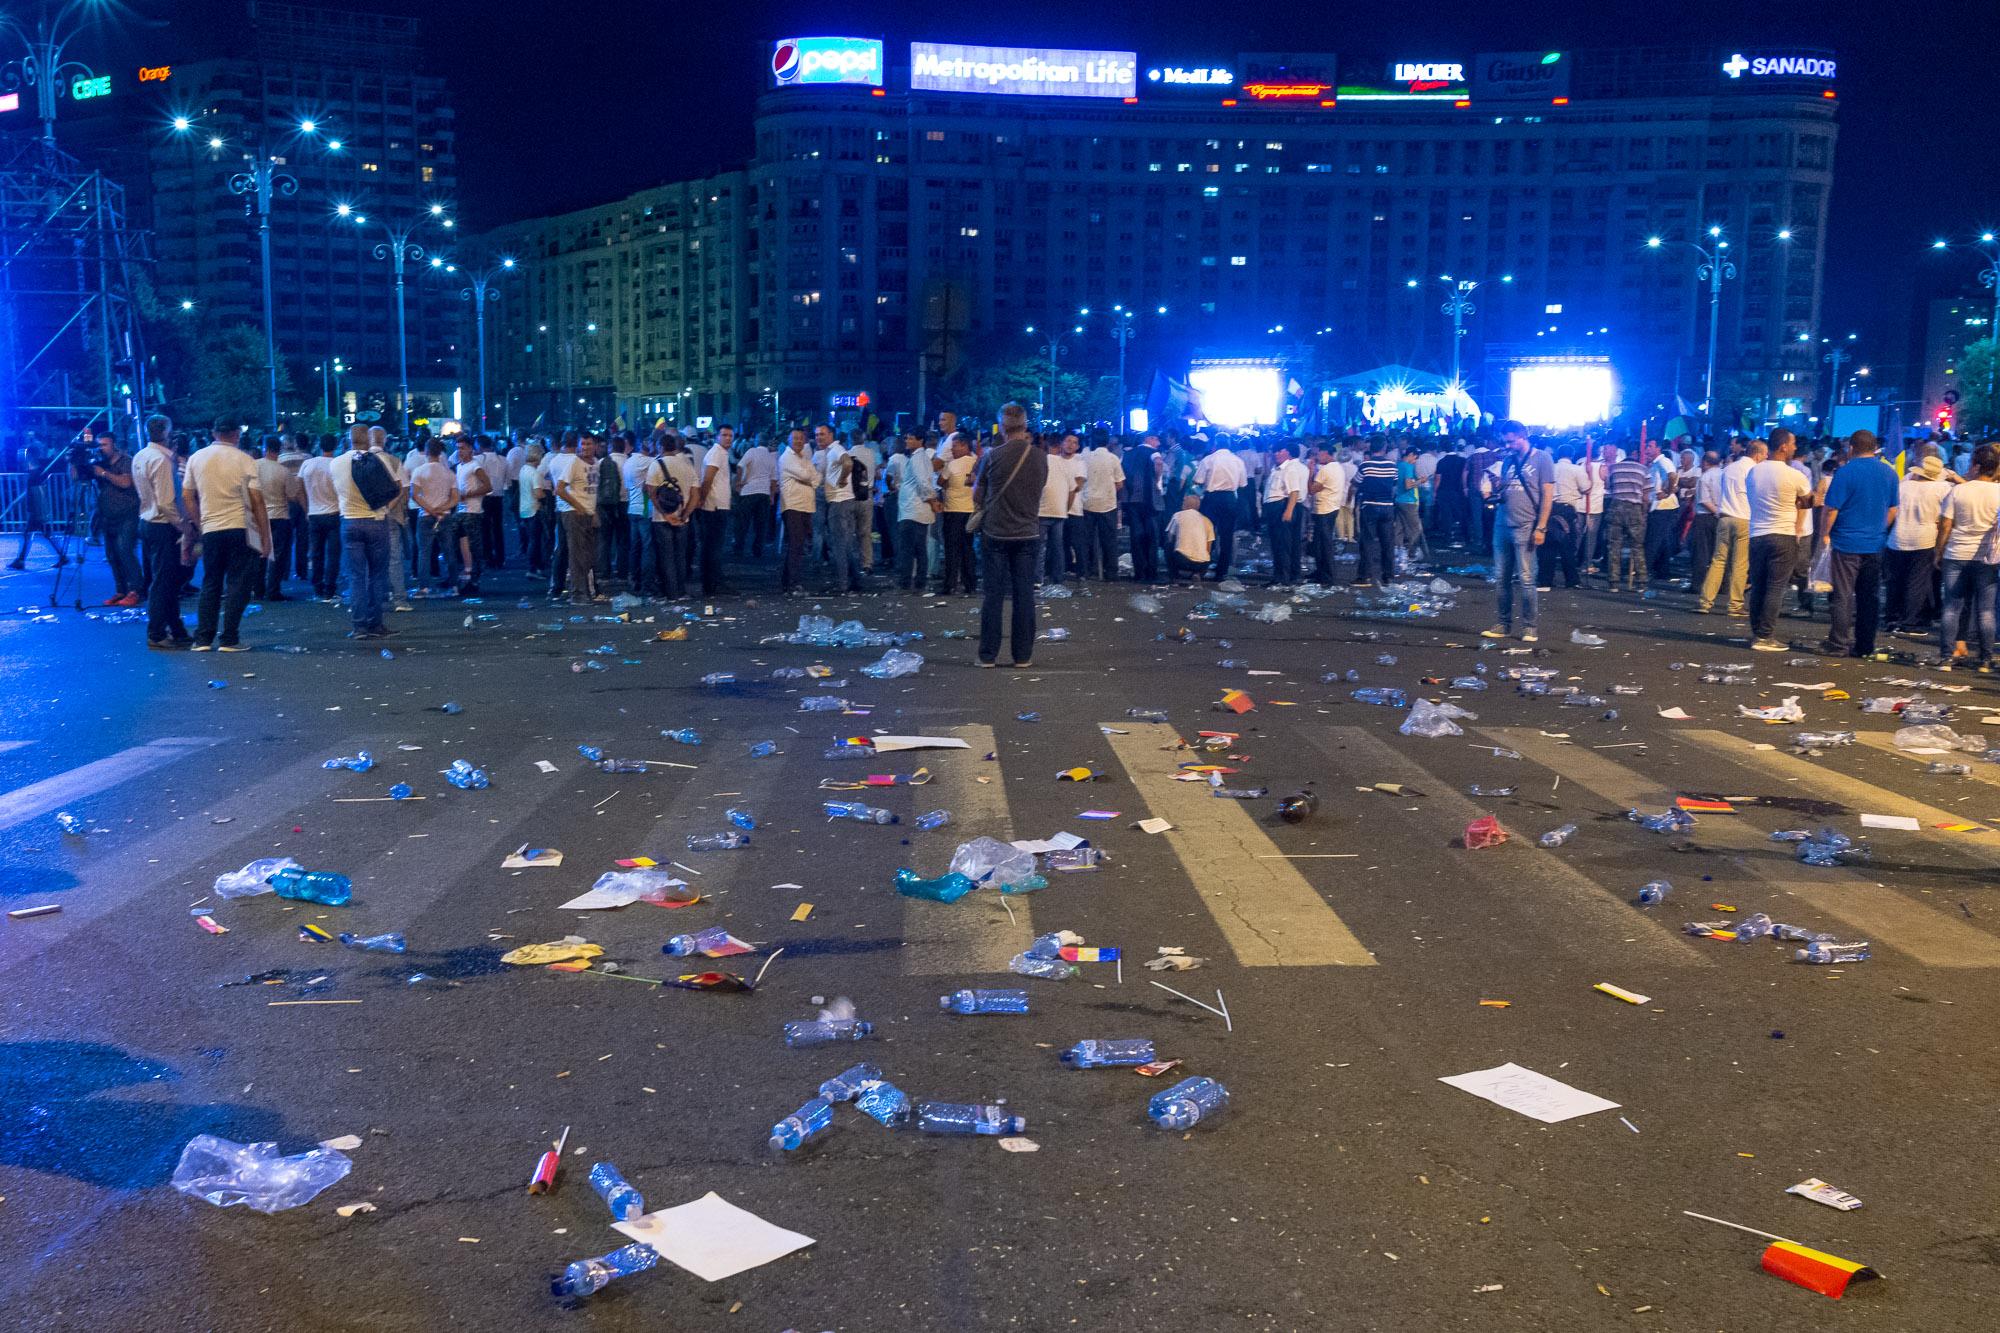 Dragnea - Cine va pierde de pe urma mitingului PSD-ALDE - Pagina 2 1528628086250-Miting-PSD-mizeria-din-urma-11